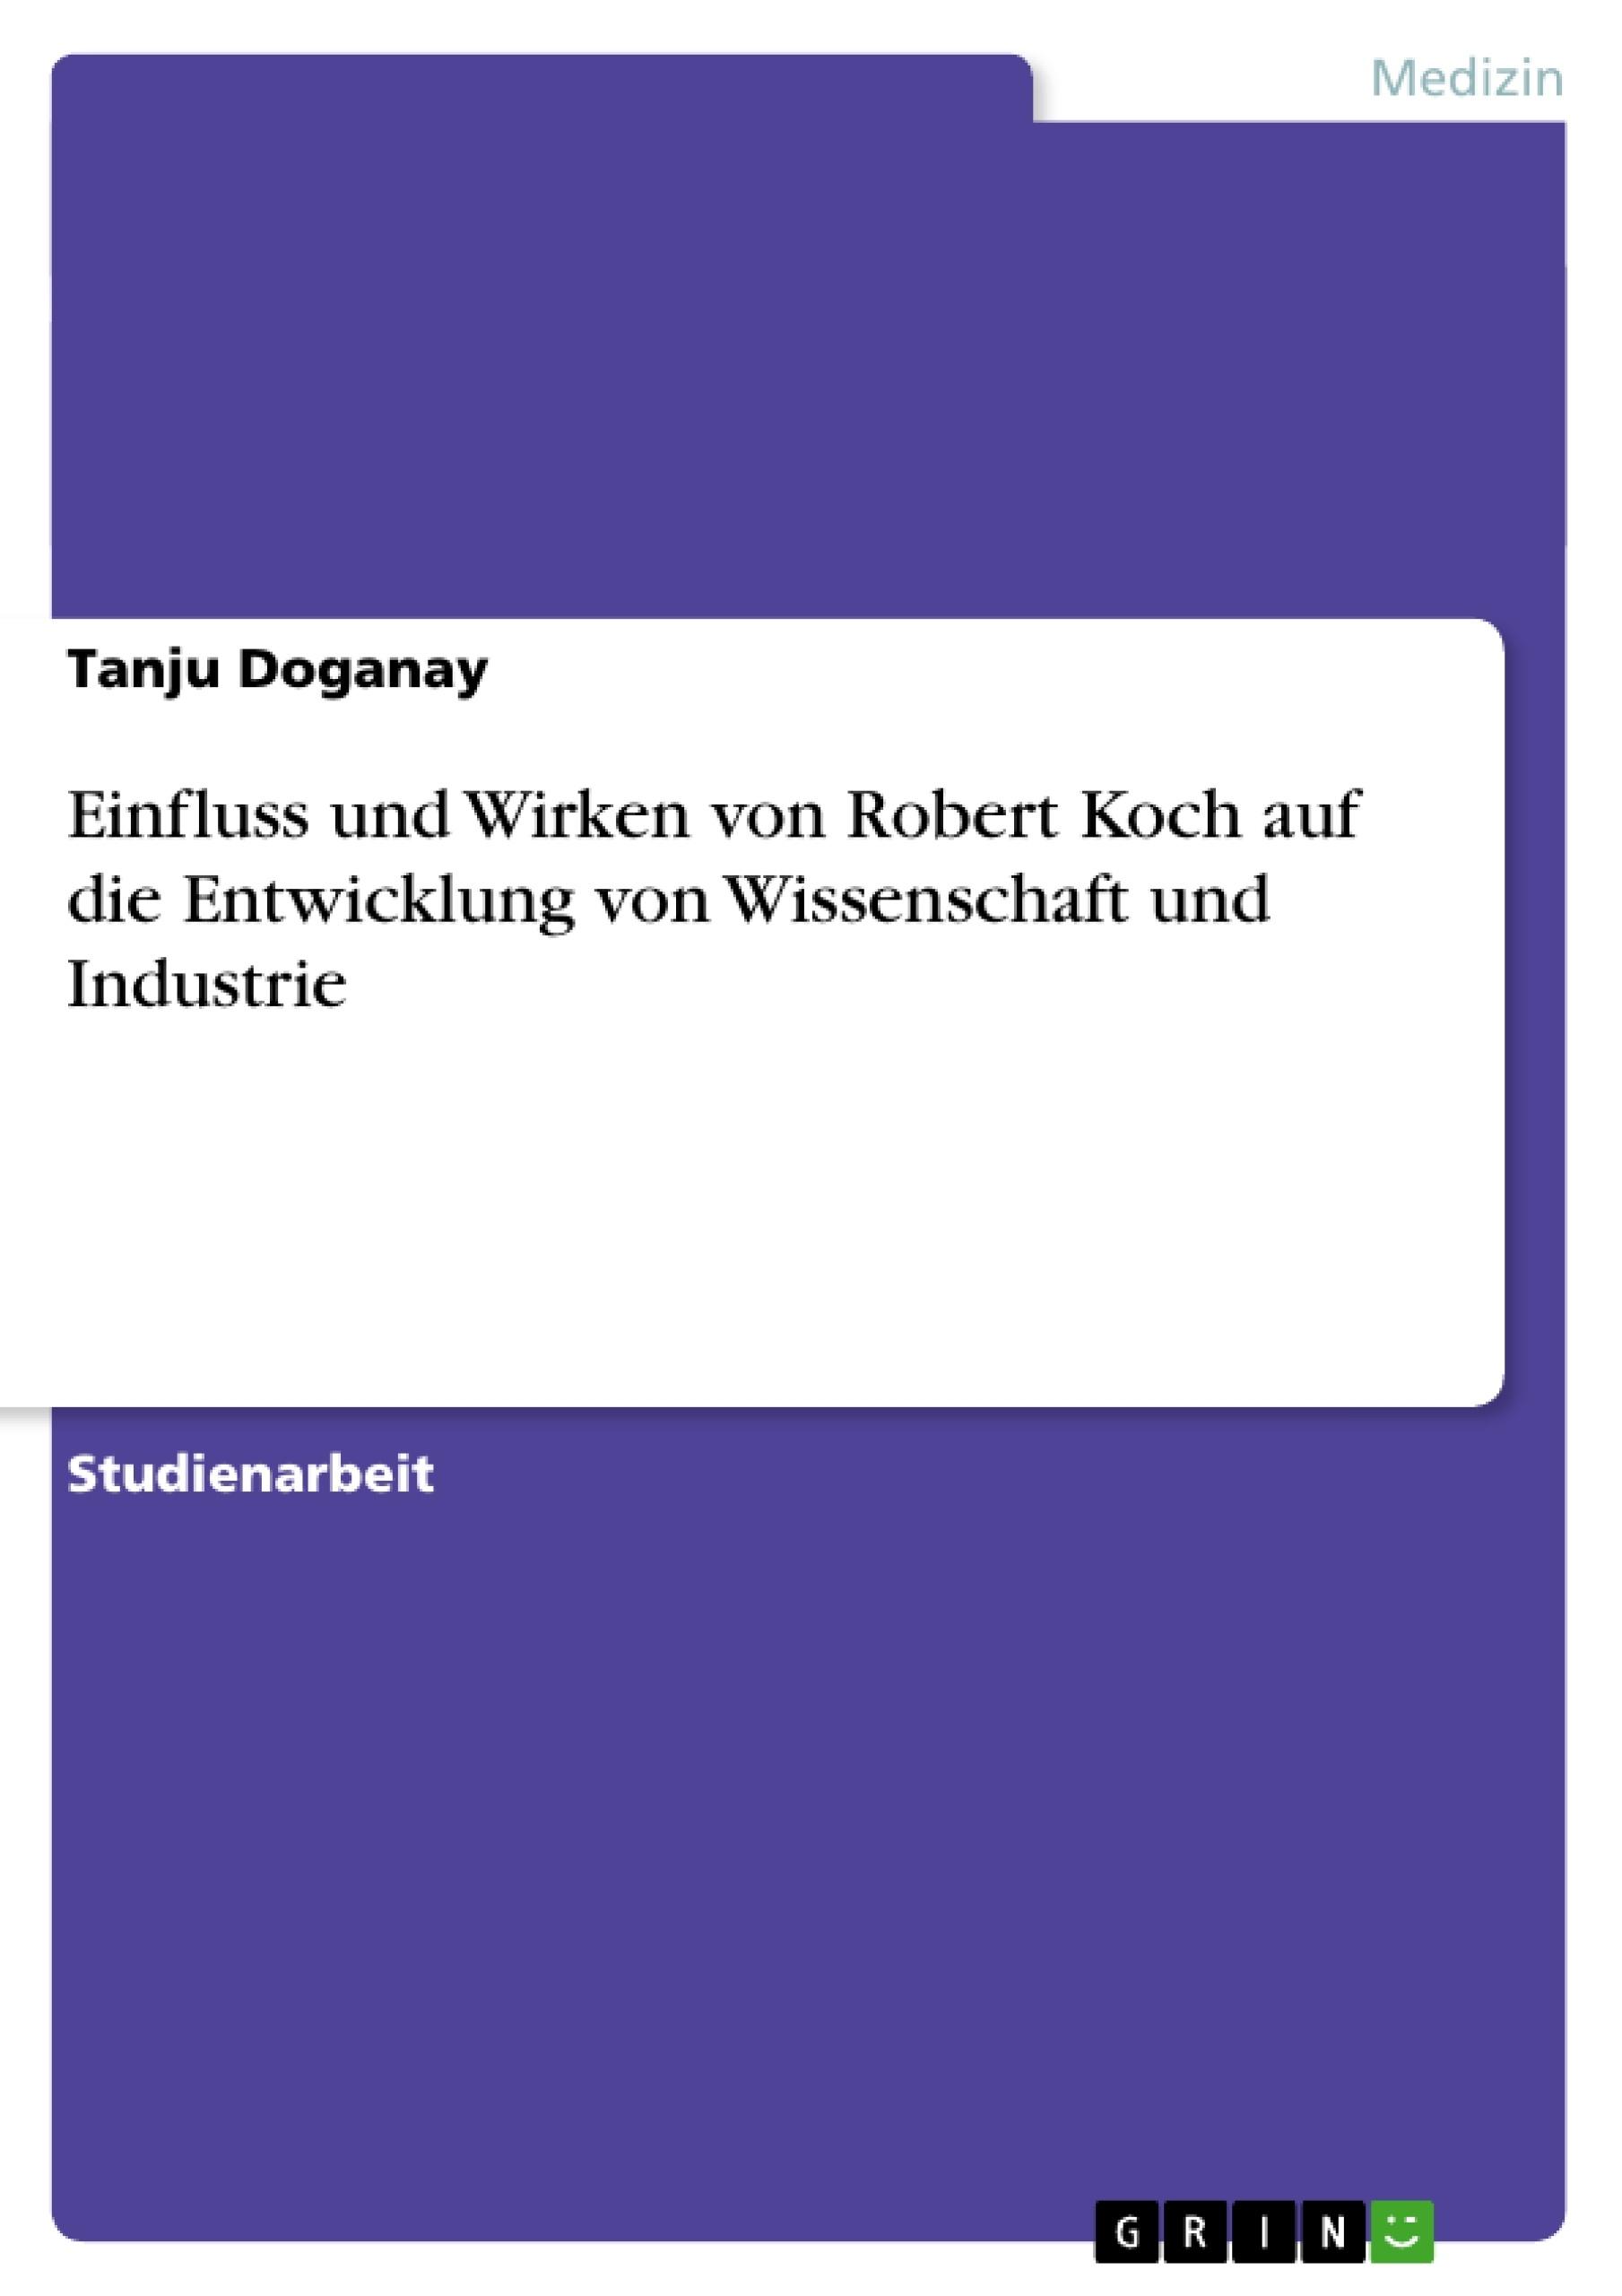 Titel: Einfluss und Wirken von Robert Koch auf die Entwicklung von Wissenschaft und Industrie